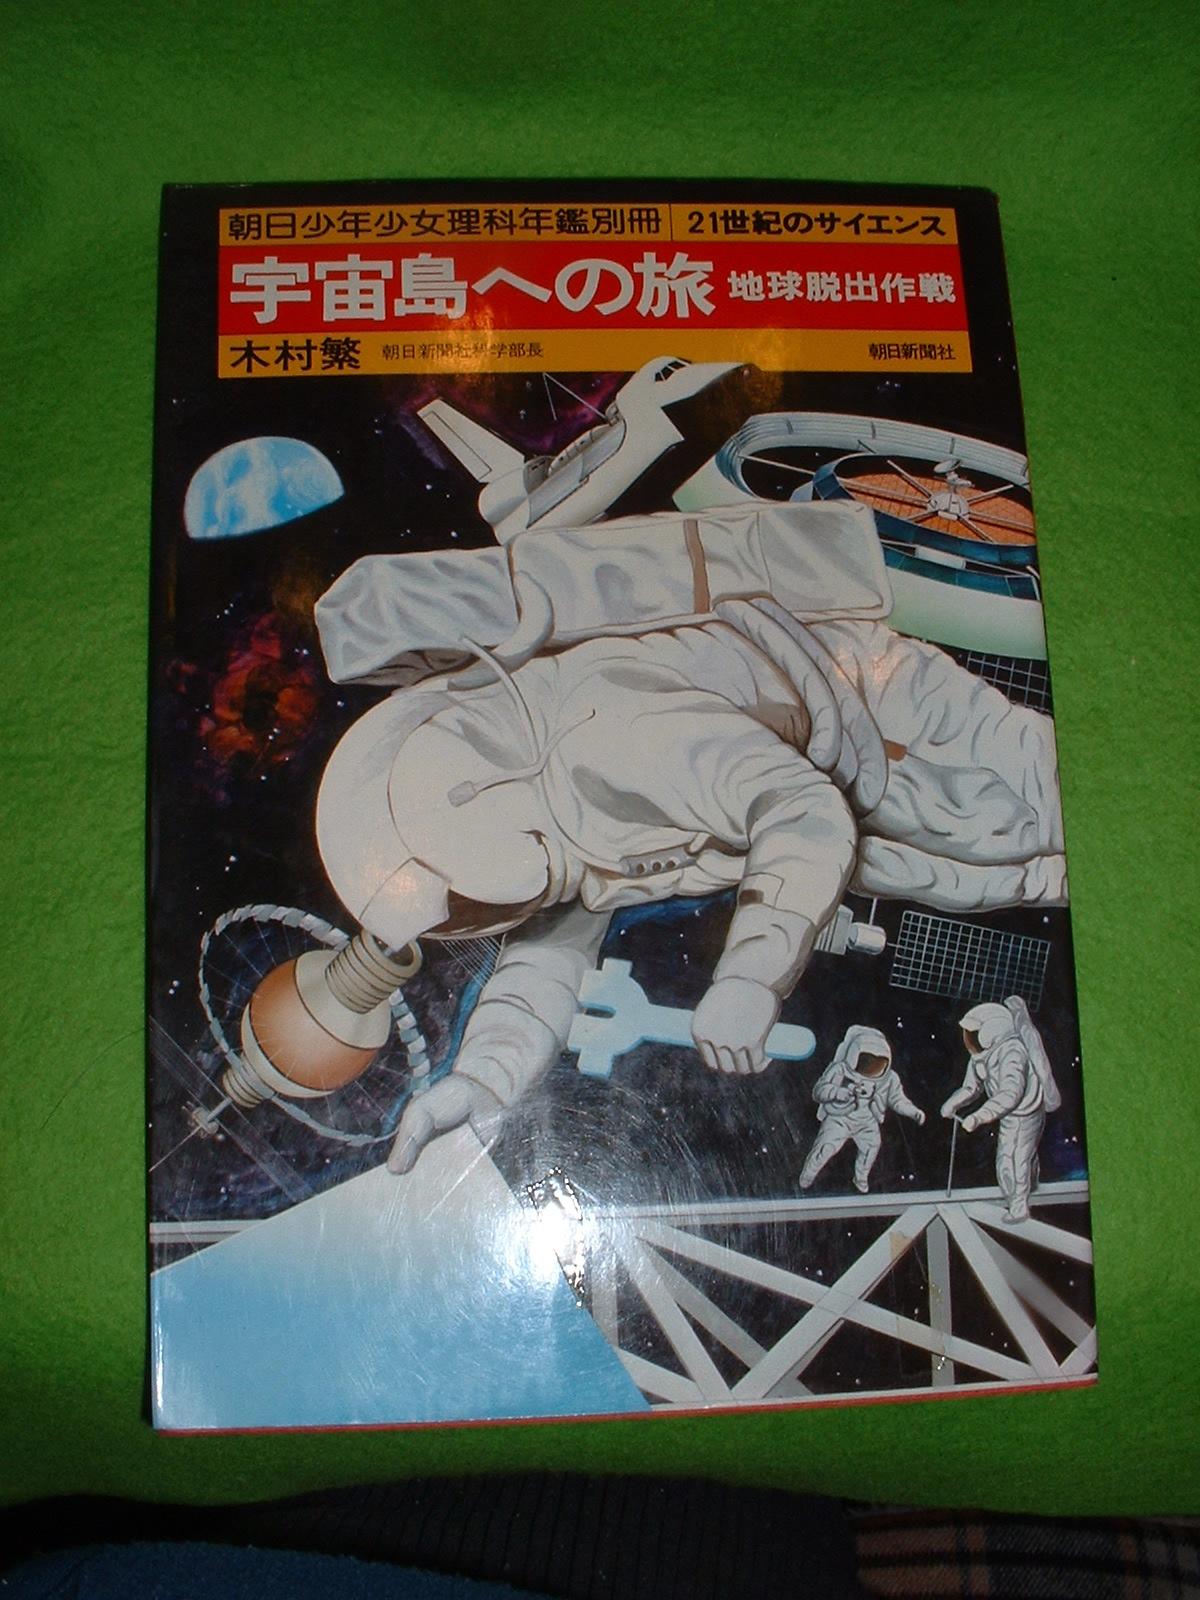 木村繁 著「宇宙島への旅」 朝日新聞社 1978年 発行 Doburoku-TAO.JPG